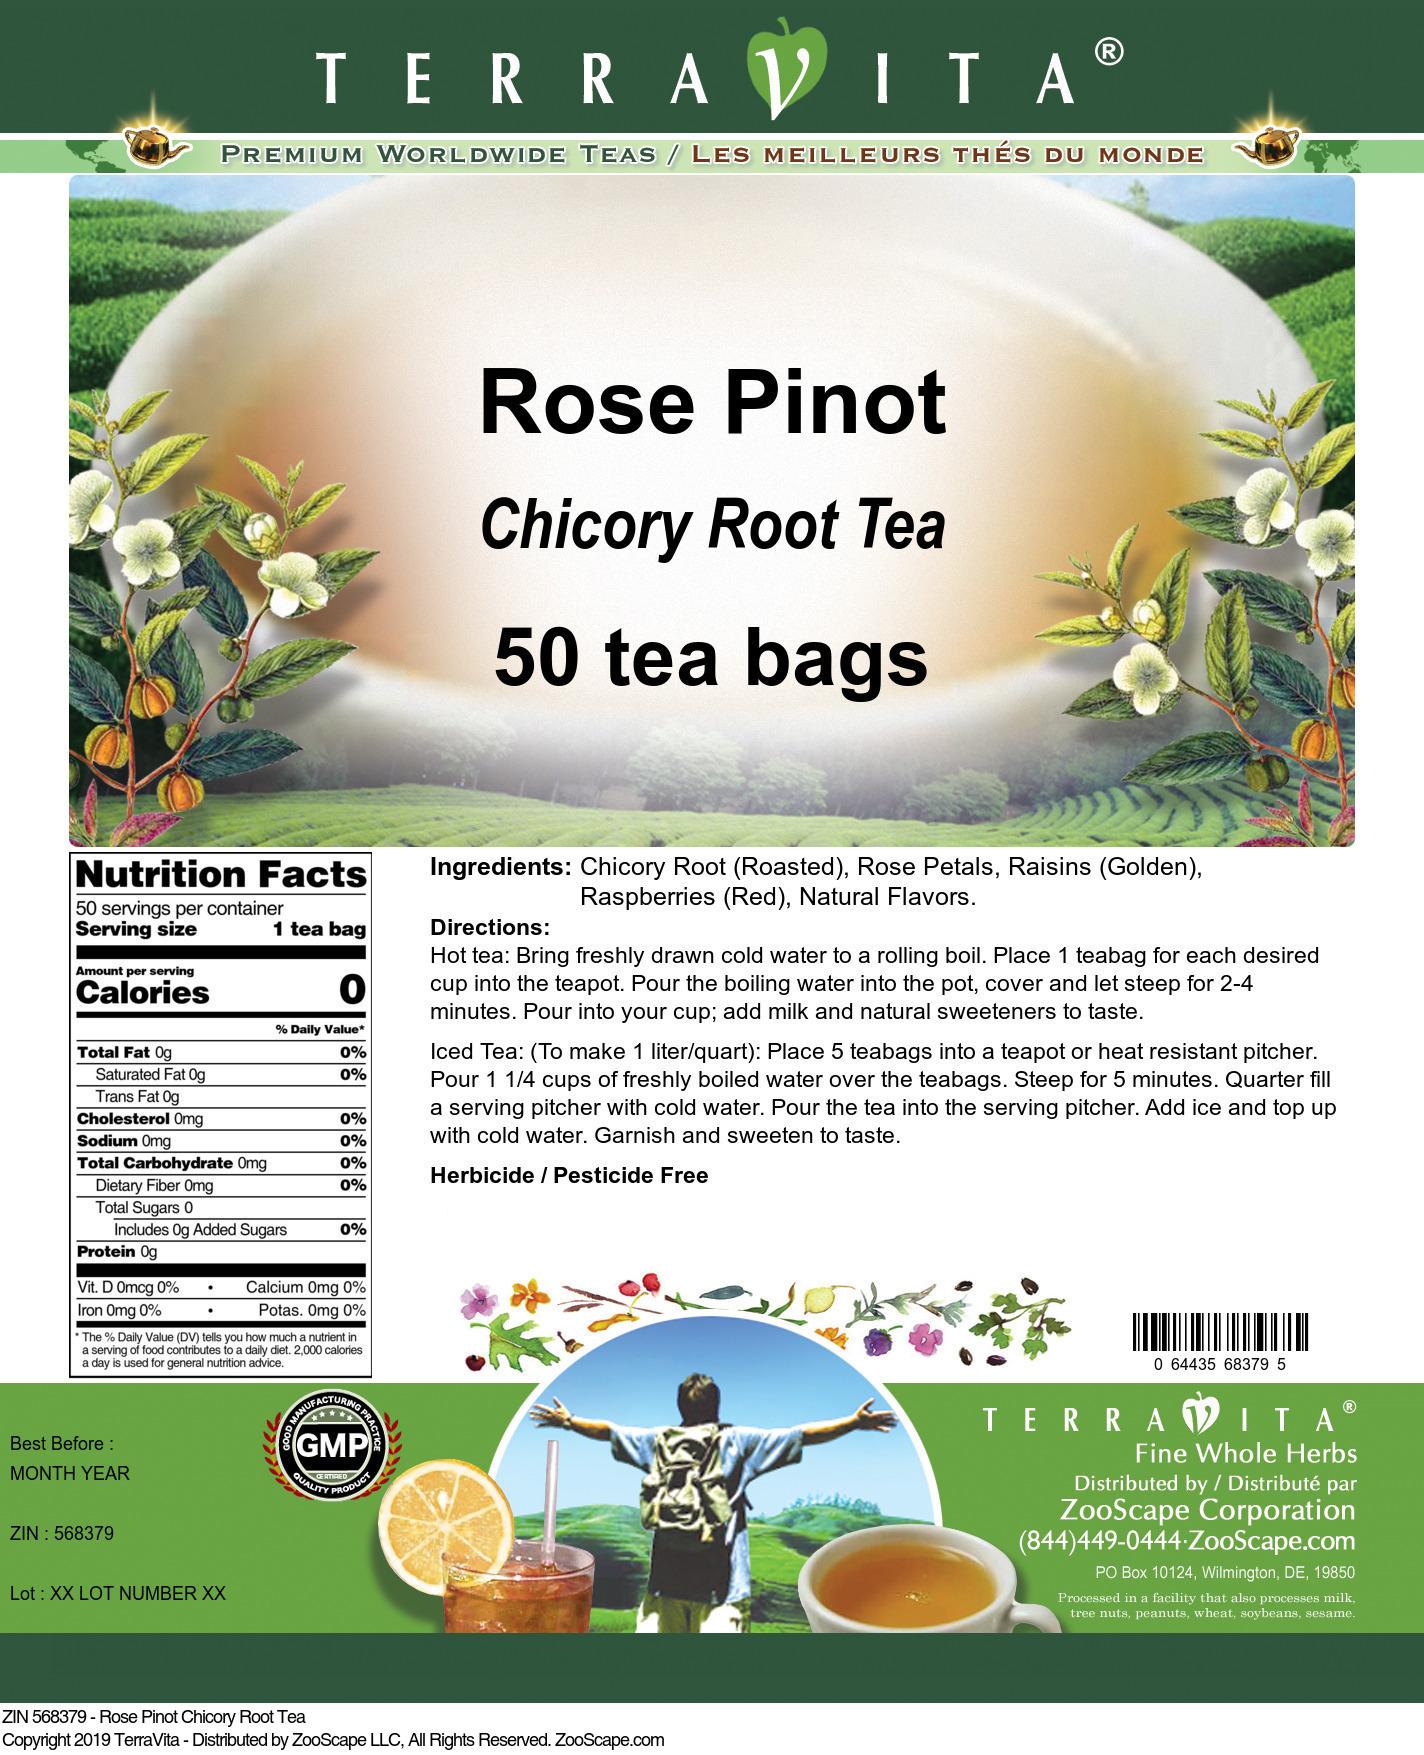 Rose Pinot Chicory Root Tea